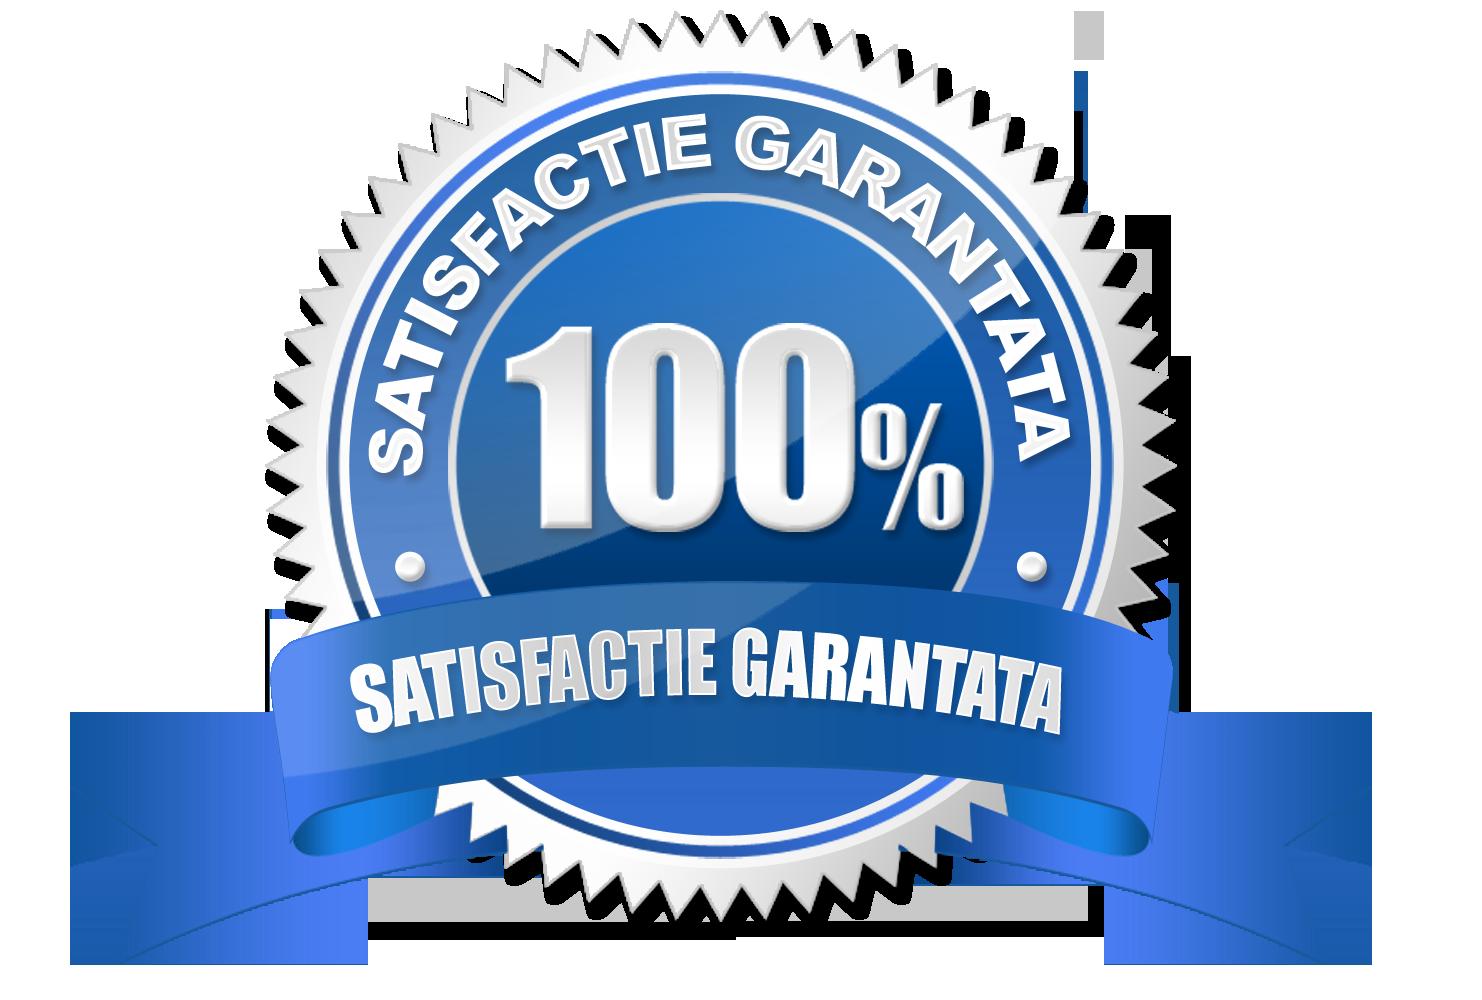 Satisfactie-garantata